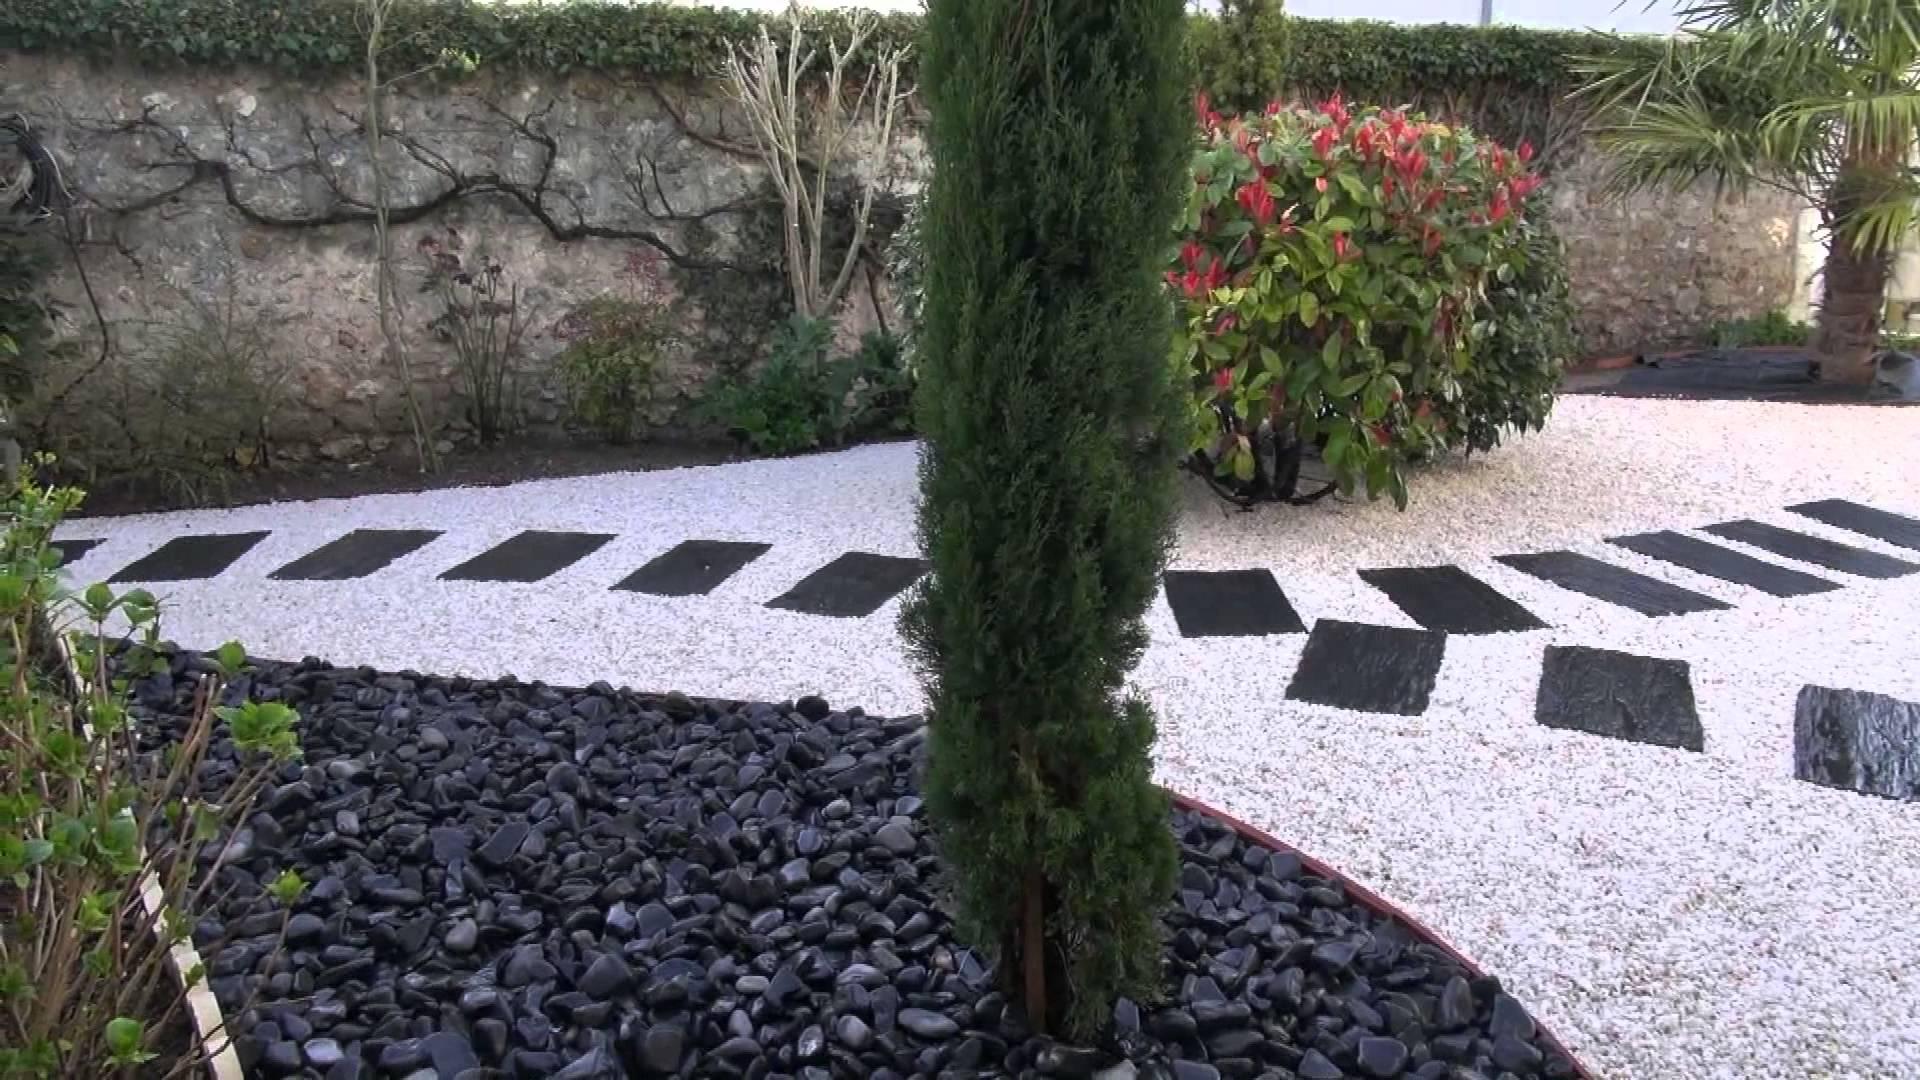 Allée En Pas Japonais réaliser des pas japonais dans son jardin – conseils et